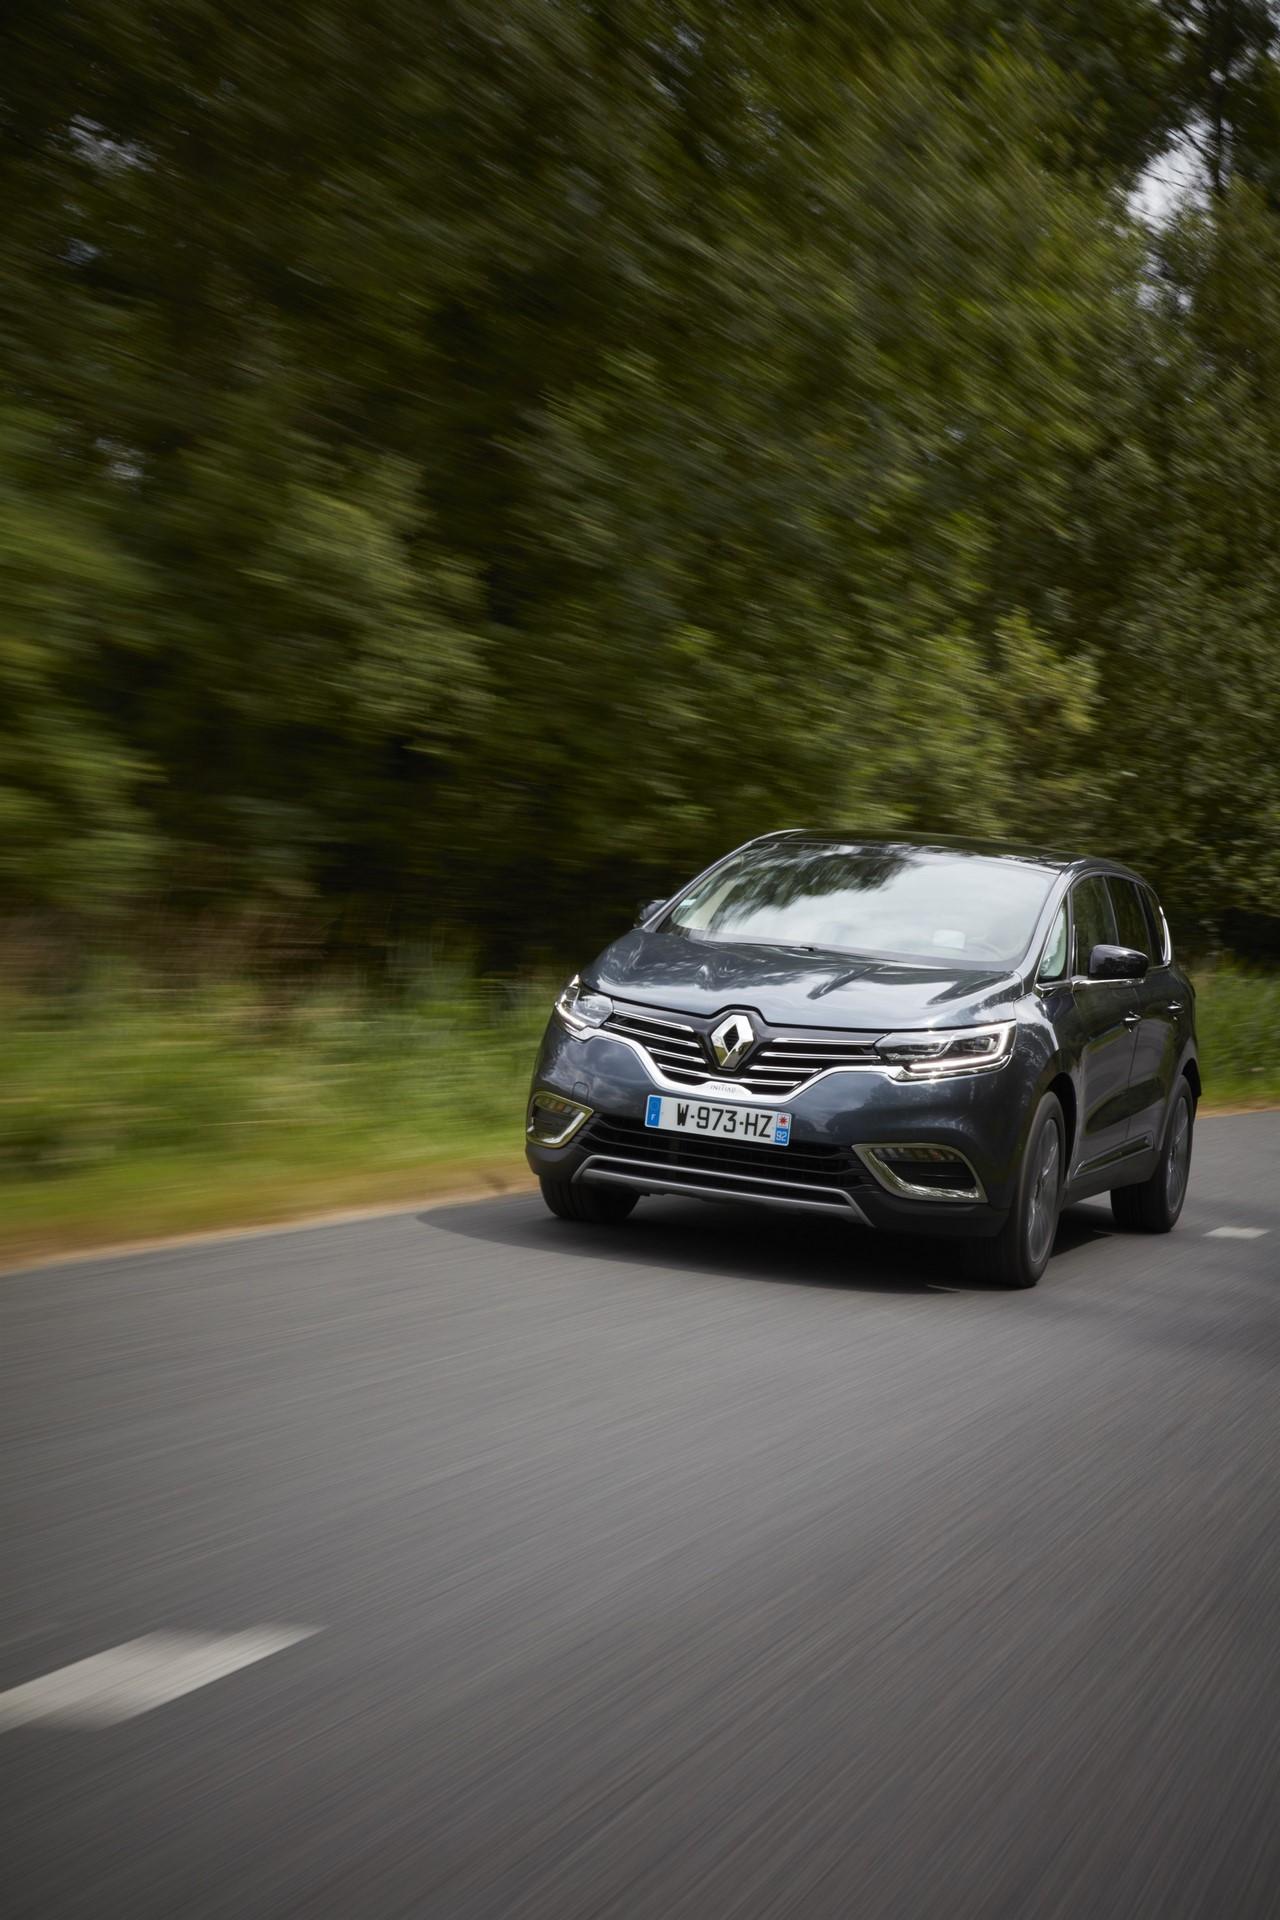 Renault_93210_global_en